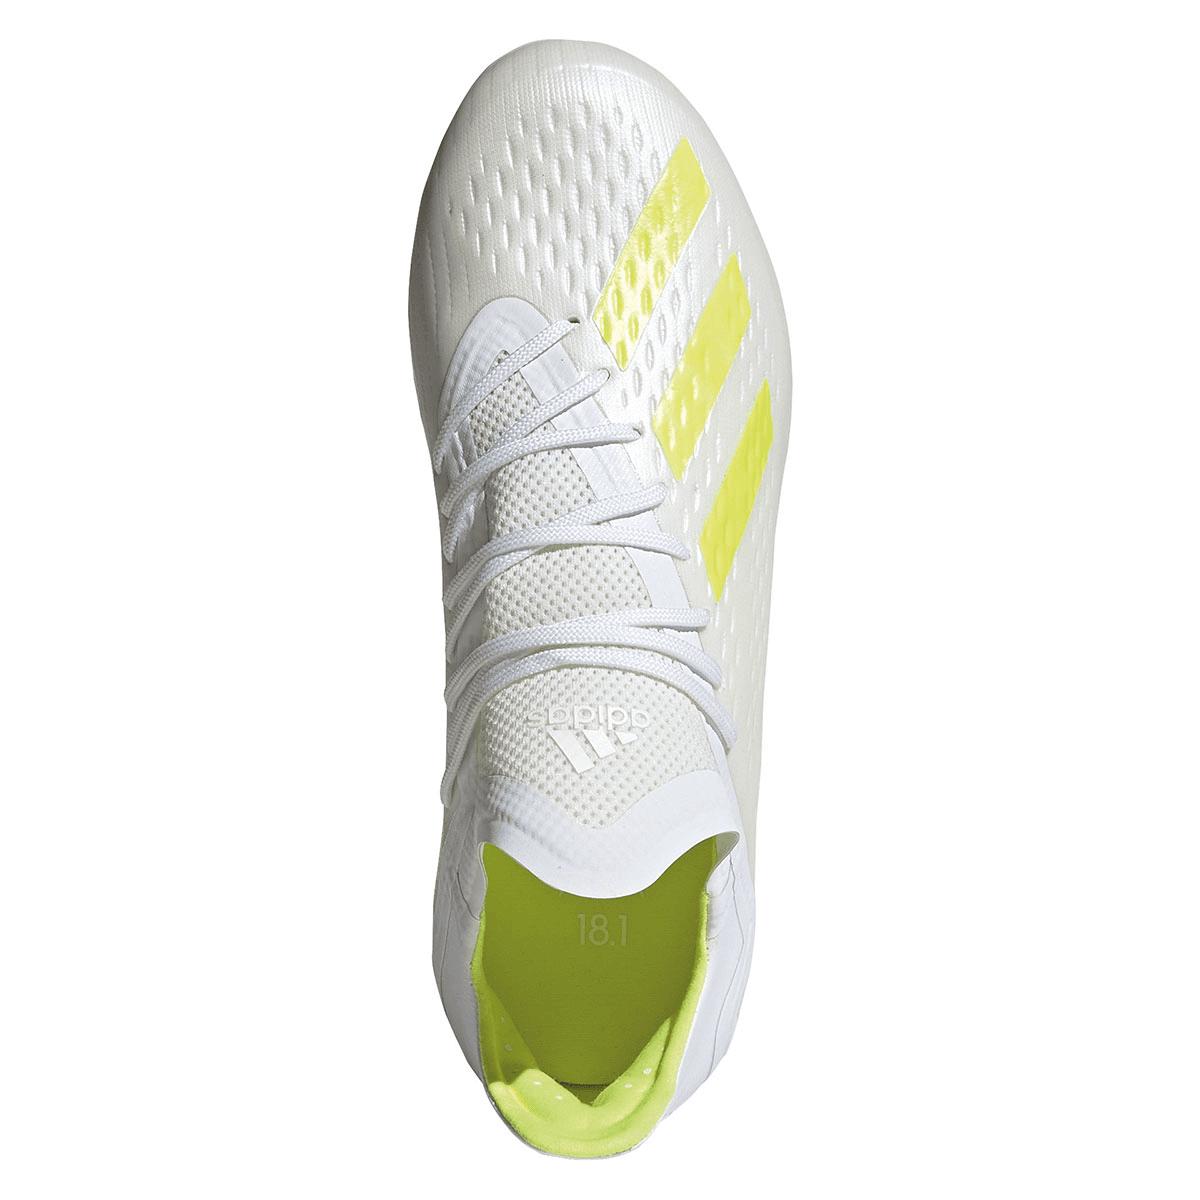 adidas Kinder Fußballschuh X 18.1 FG J weißgelb fluo